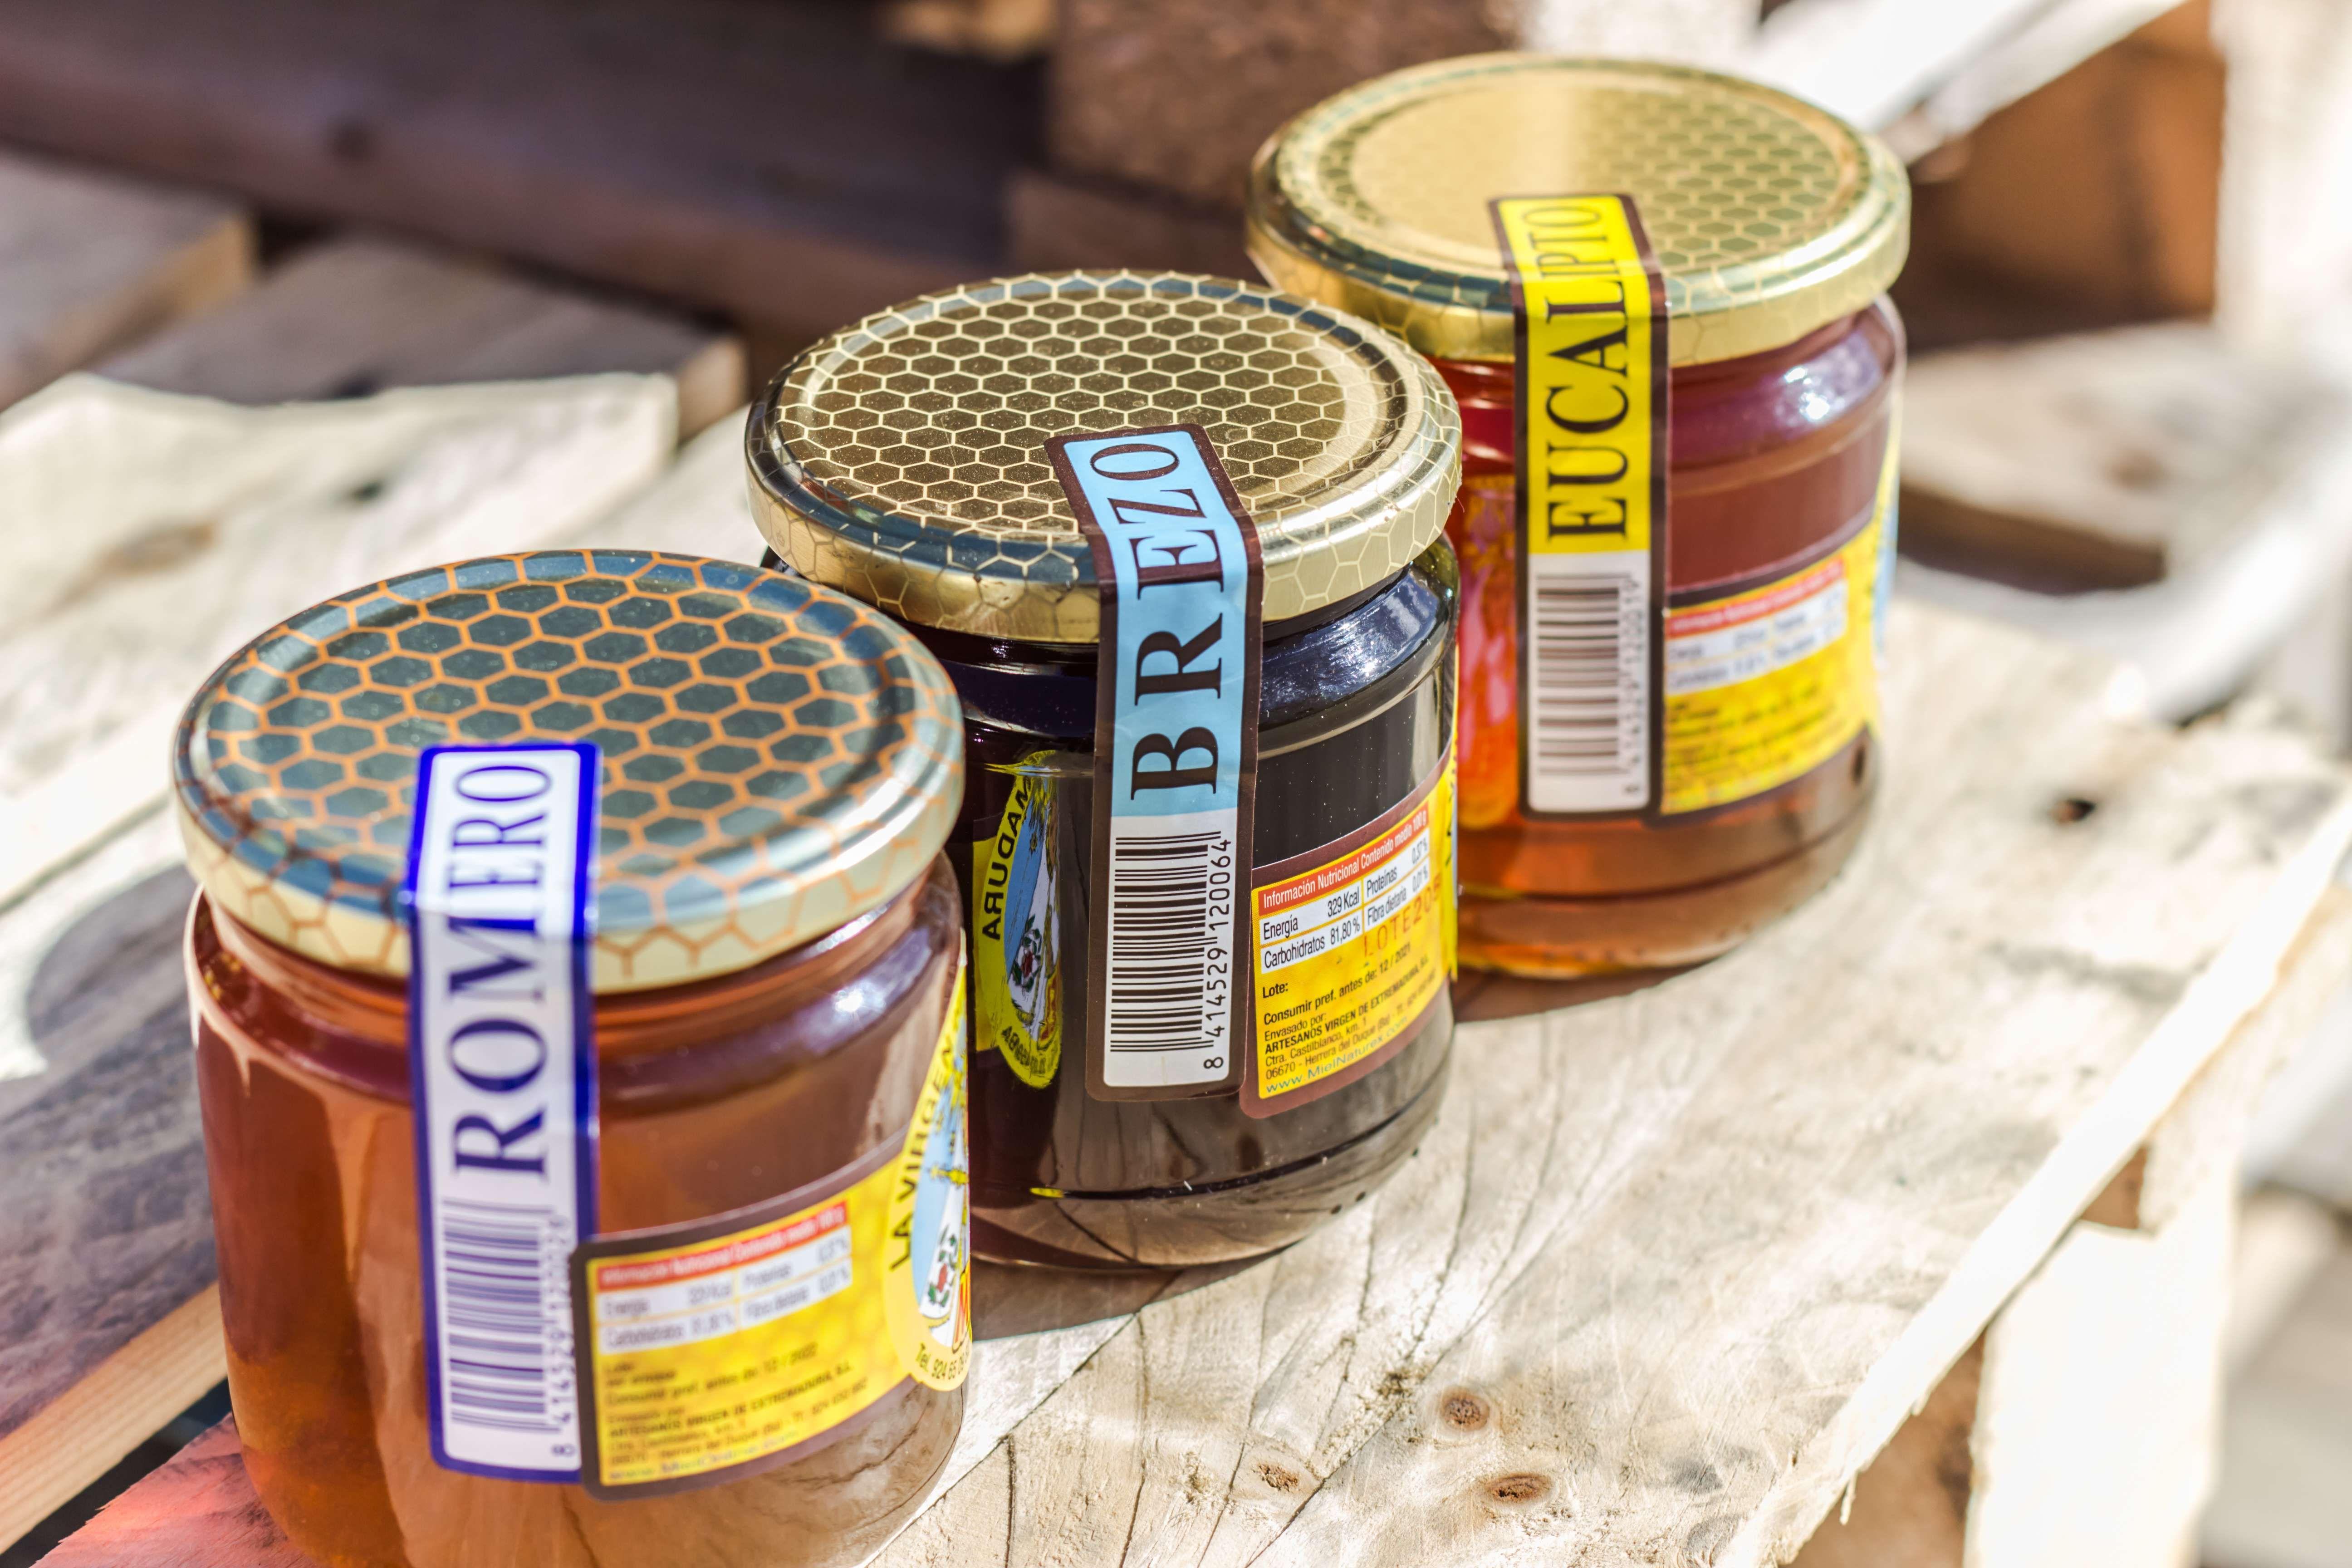 Foto 42 de Venta de miel, productos dietéticos y cosmética natural en Herrera del Duque | Miel Virgen de Extremadura